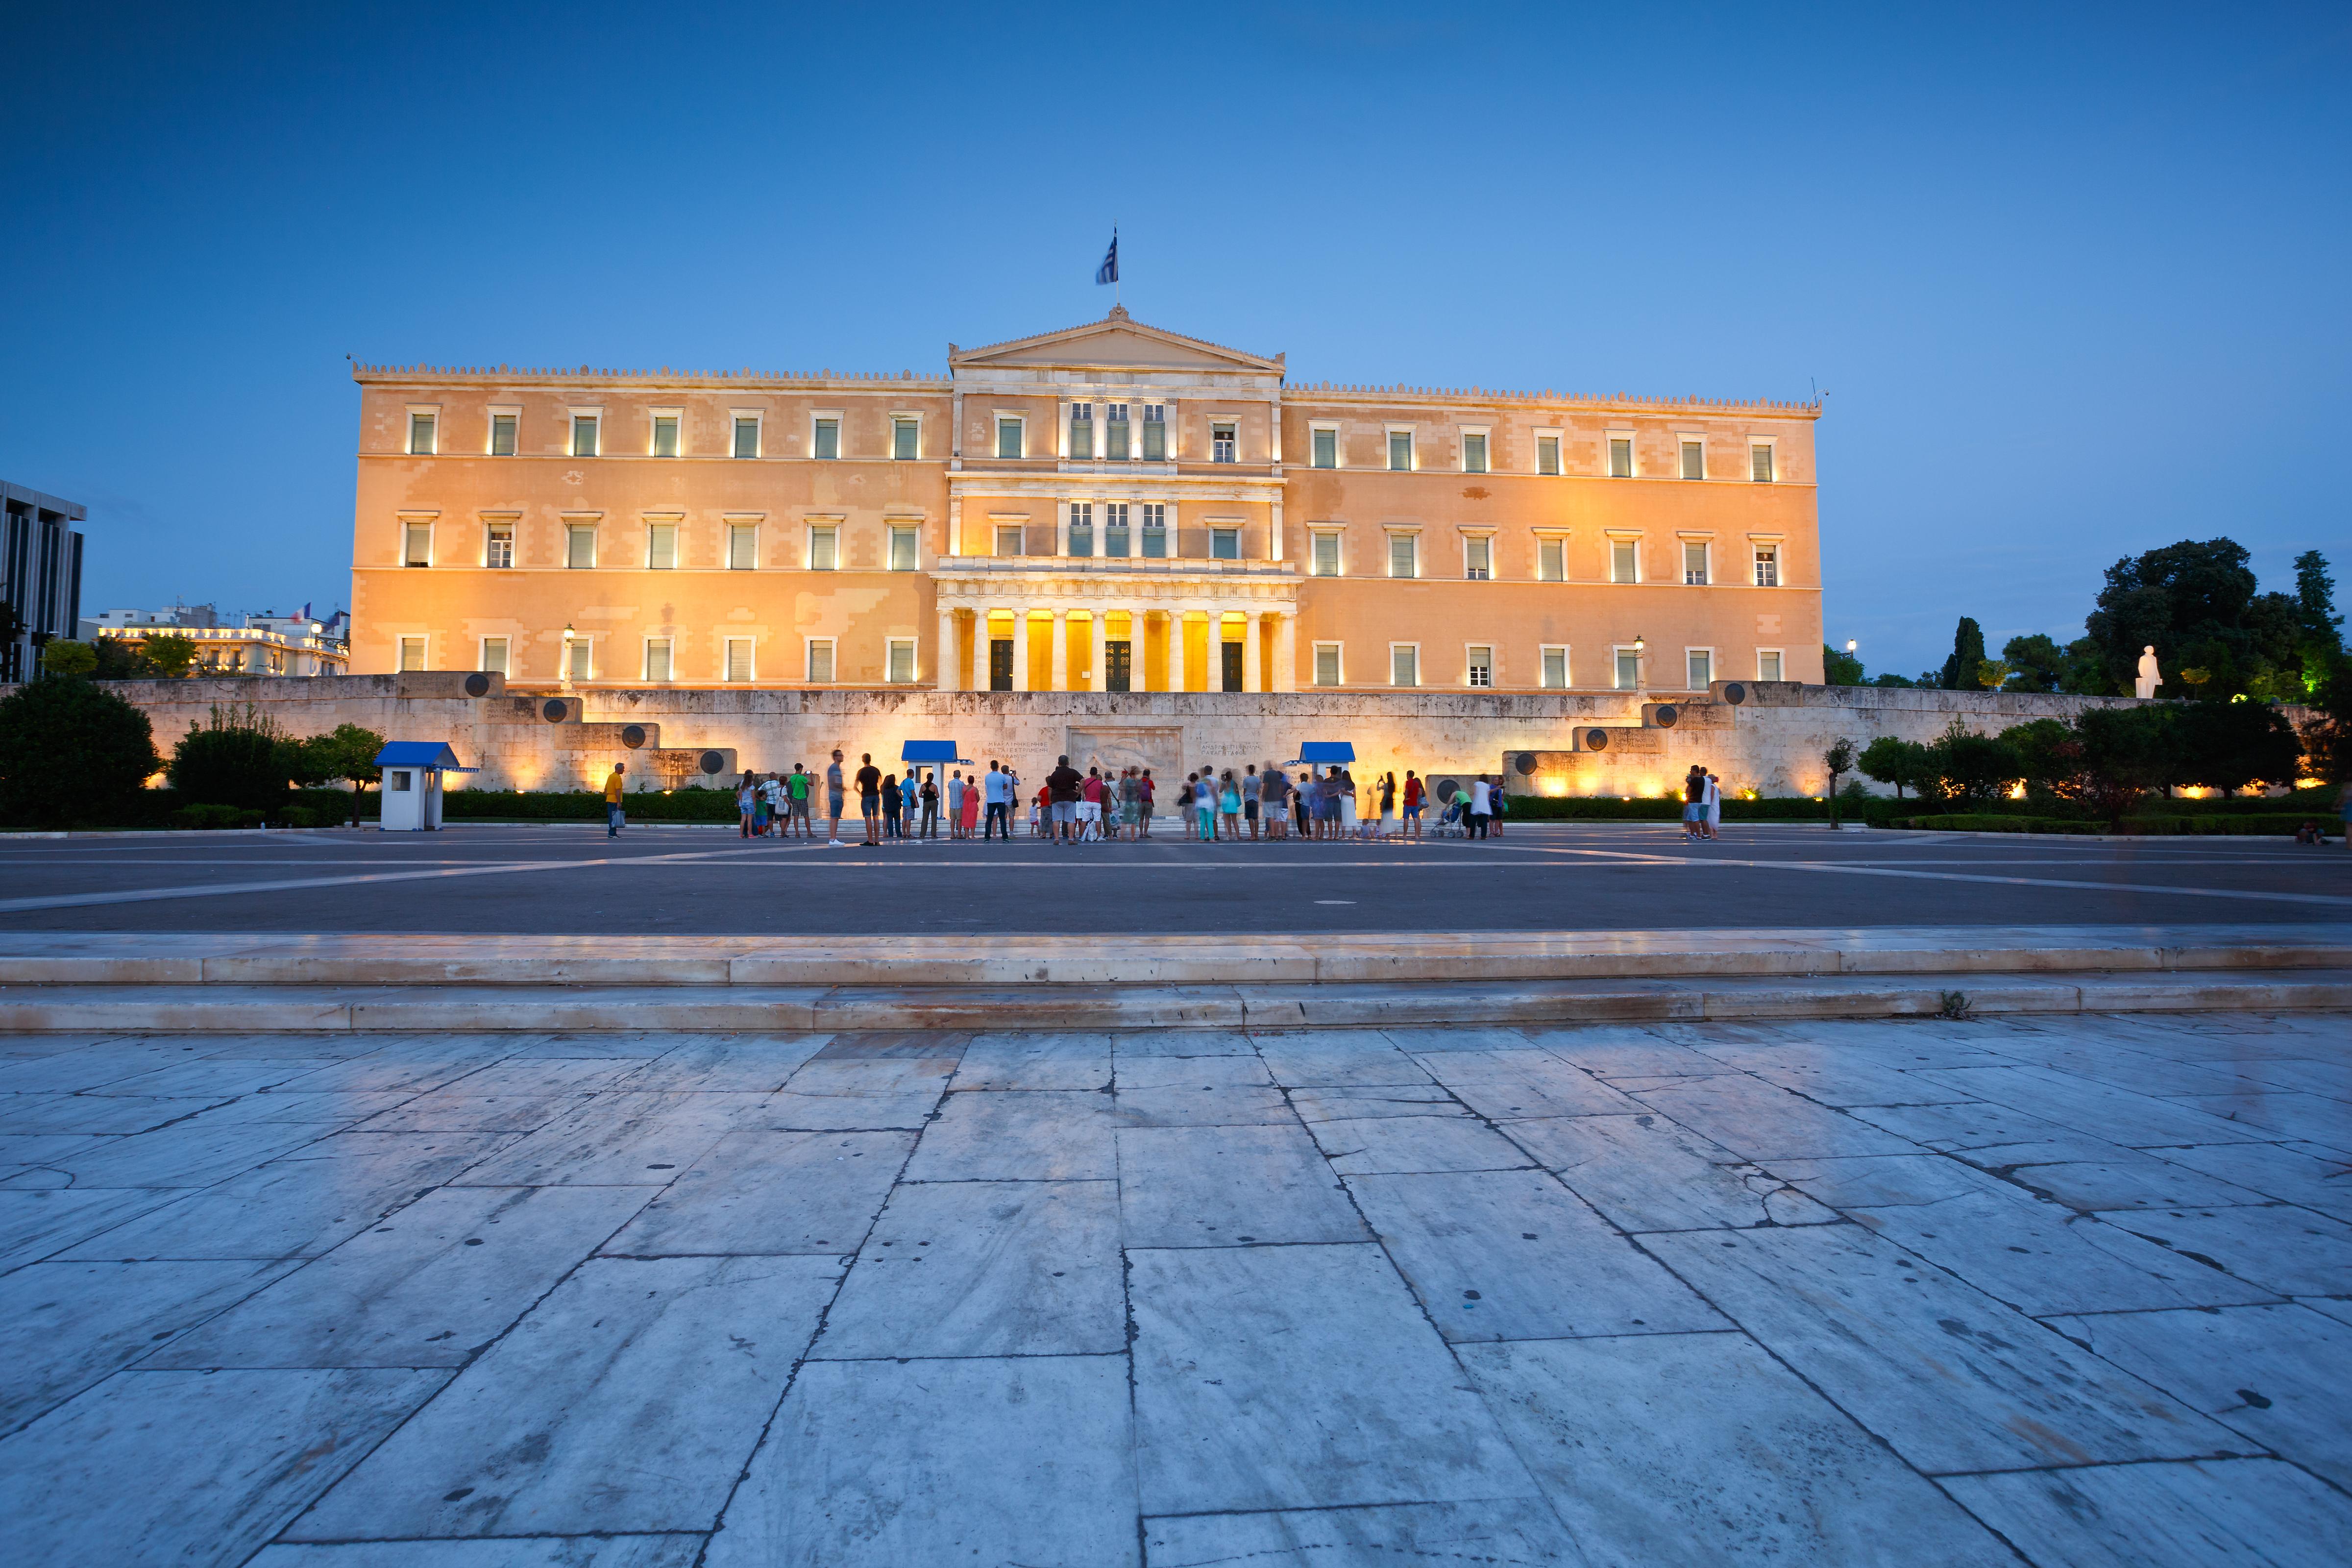 Κατατέθηκαν στη Βουλή οι συμφωνίες με Ιταλία και Αίγυπτο